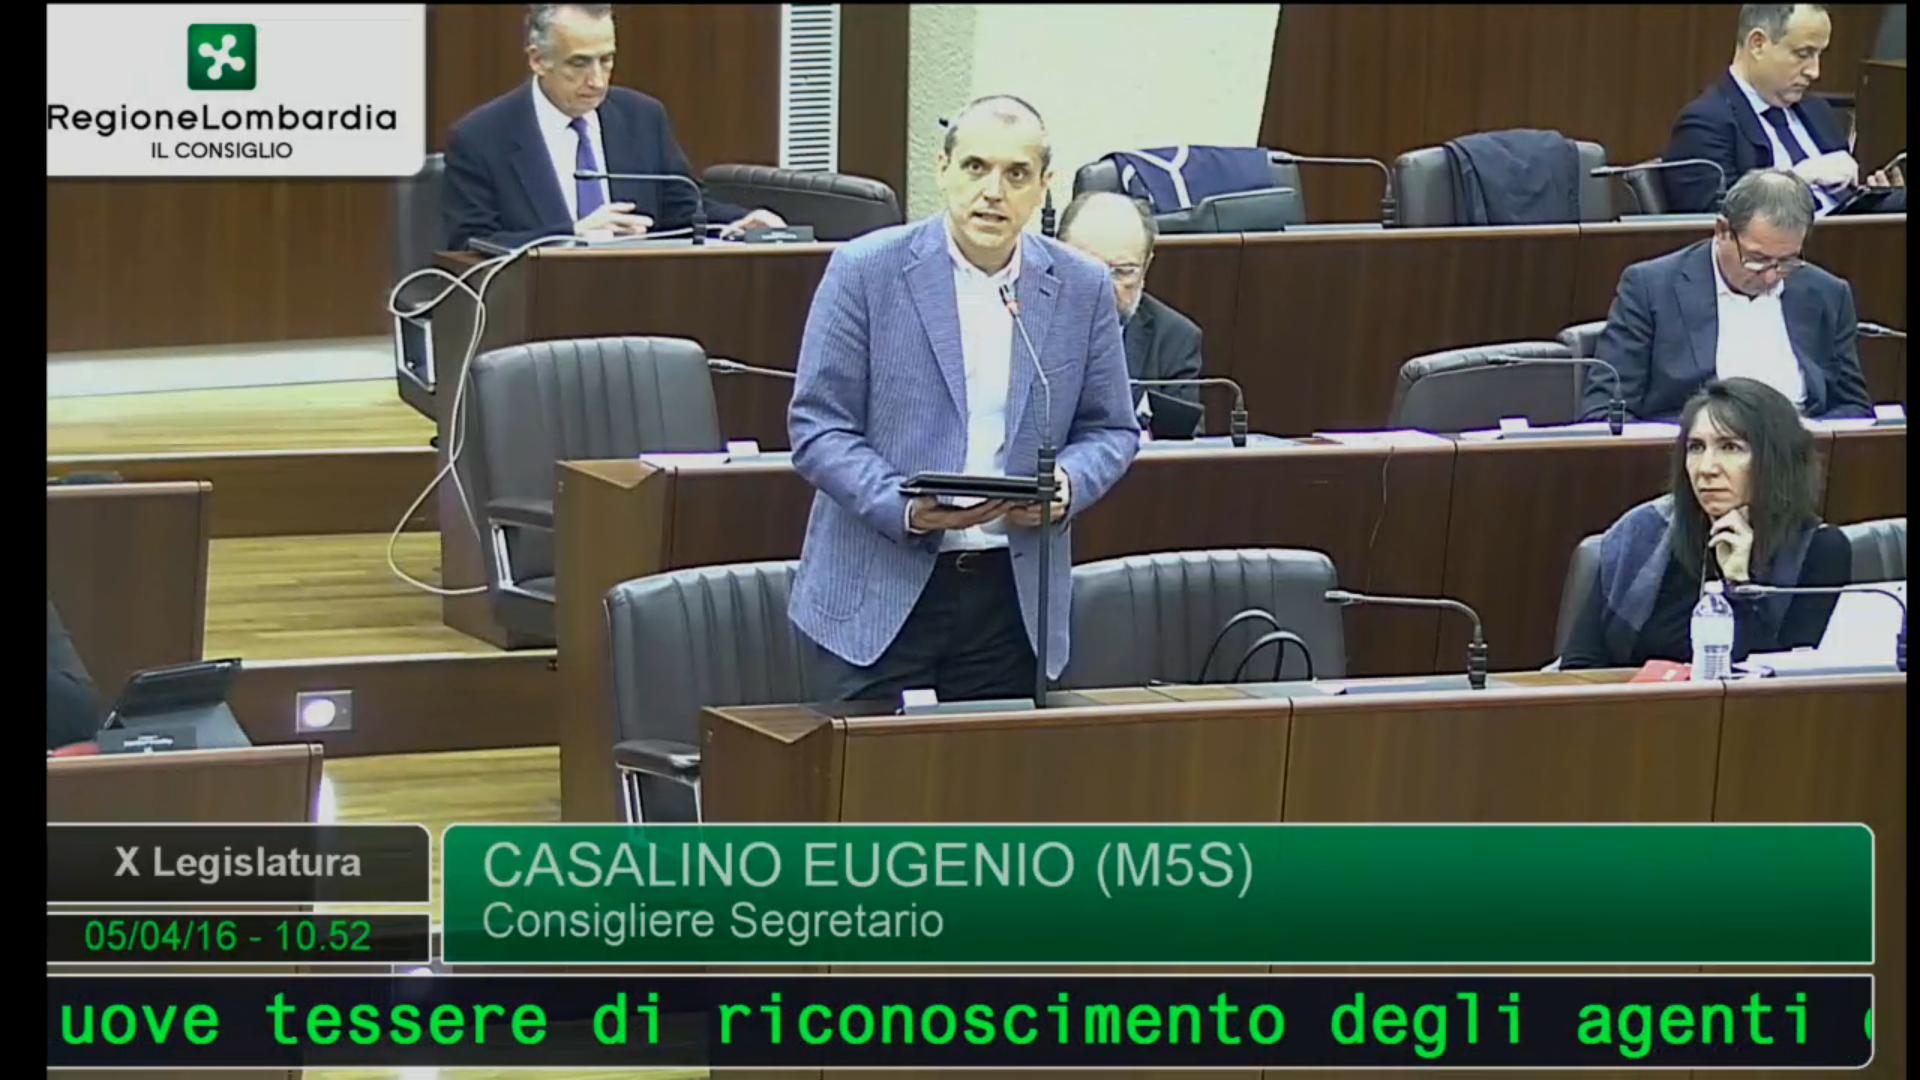 Nuove tessere regionali della polizia locale, Casalino (M5S): falsificabili, la regione intervenga